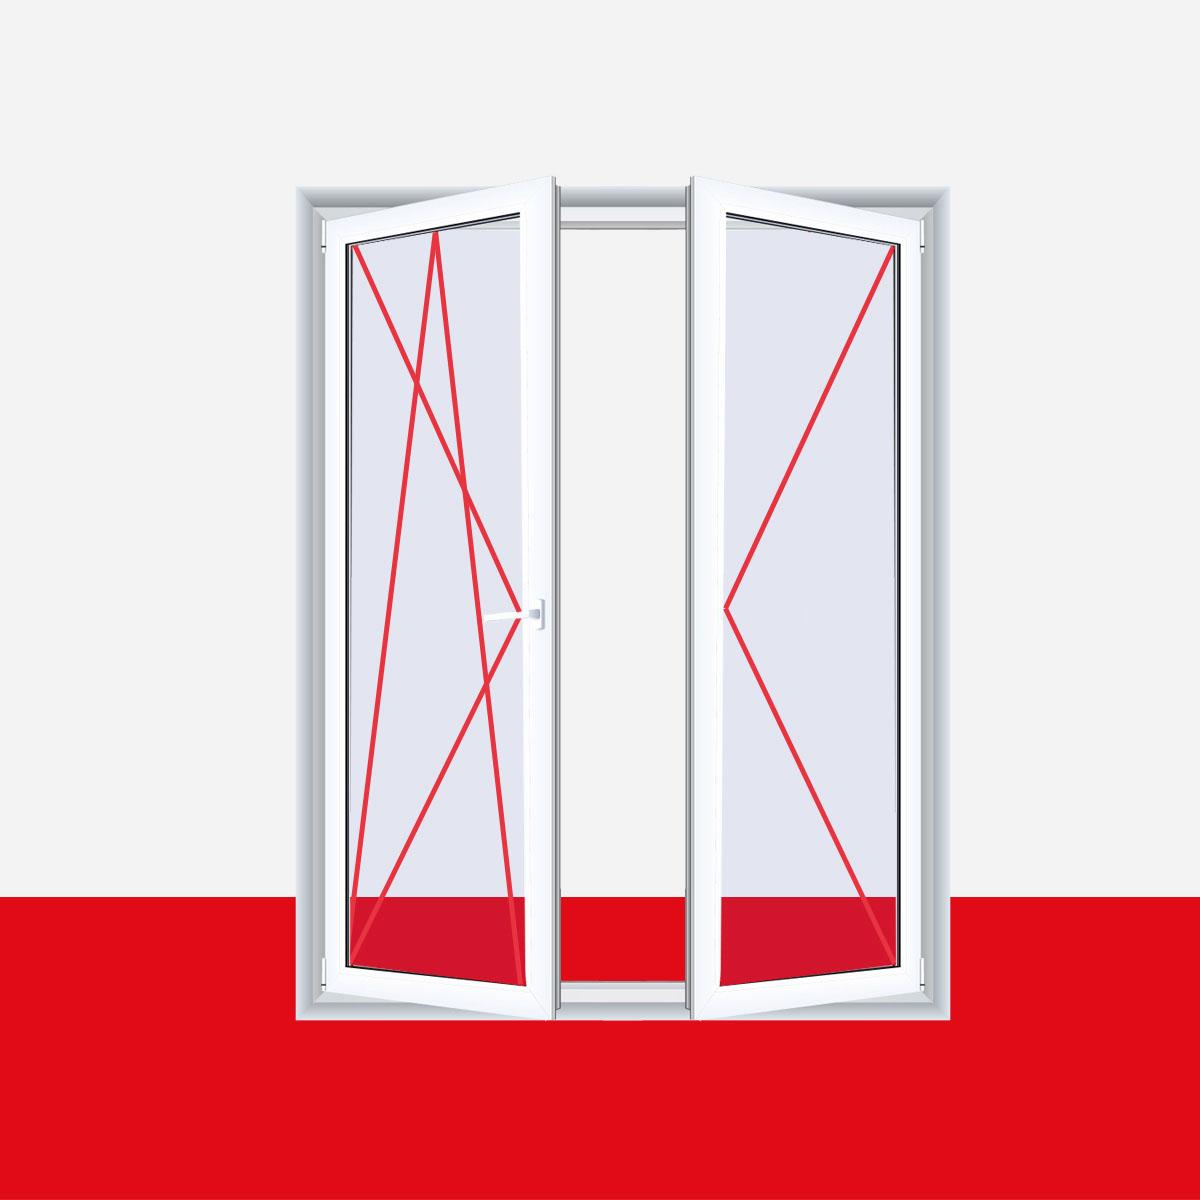 Full Size of Fenster Konfigurieren 2 Flglige Balkontr Kunststoff Stulp Wei Und Tren Schräge Abdunkeln Sichtschutzfolie Einseitig Durchsichtig Standardmaße Köln Jalousien Fenster Fenster Konfigurieren